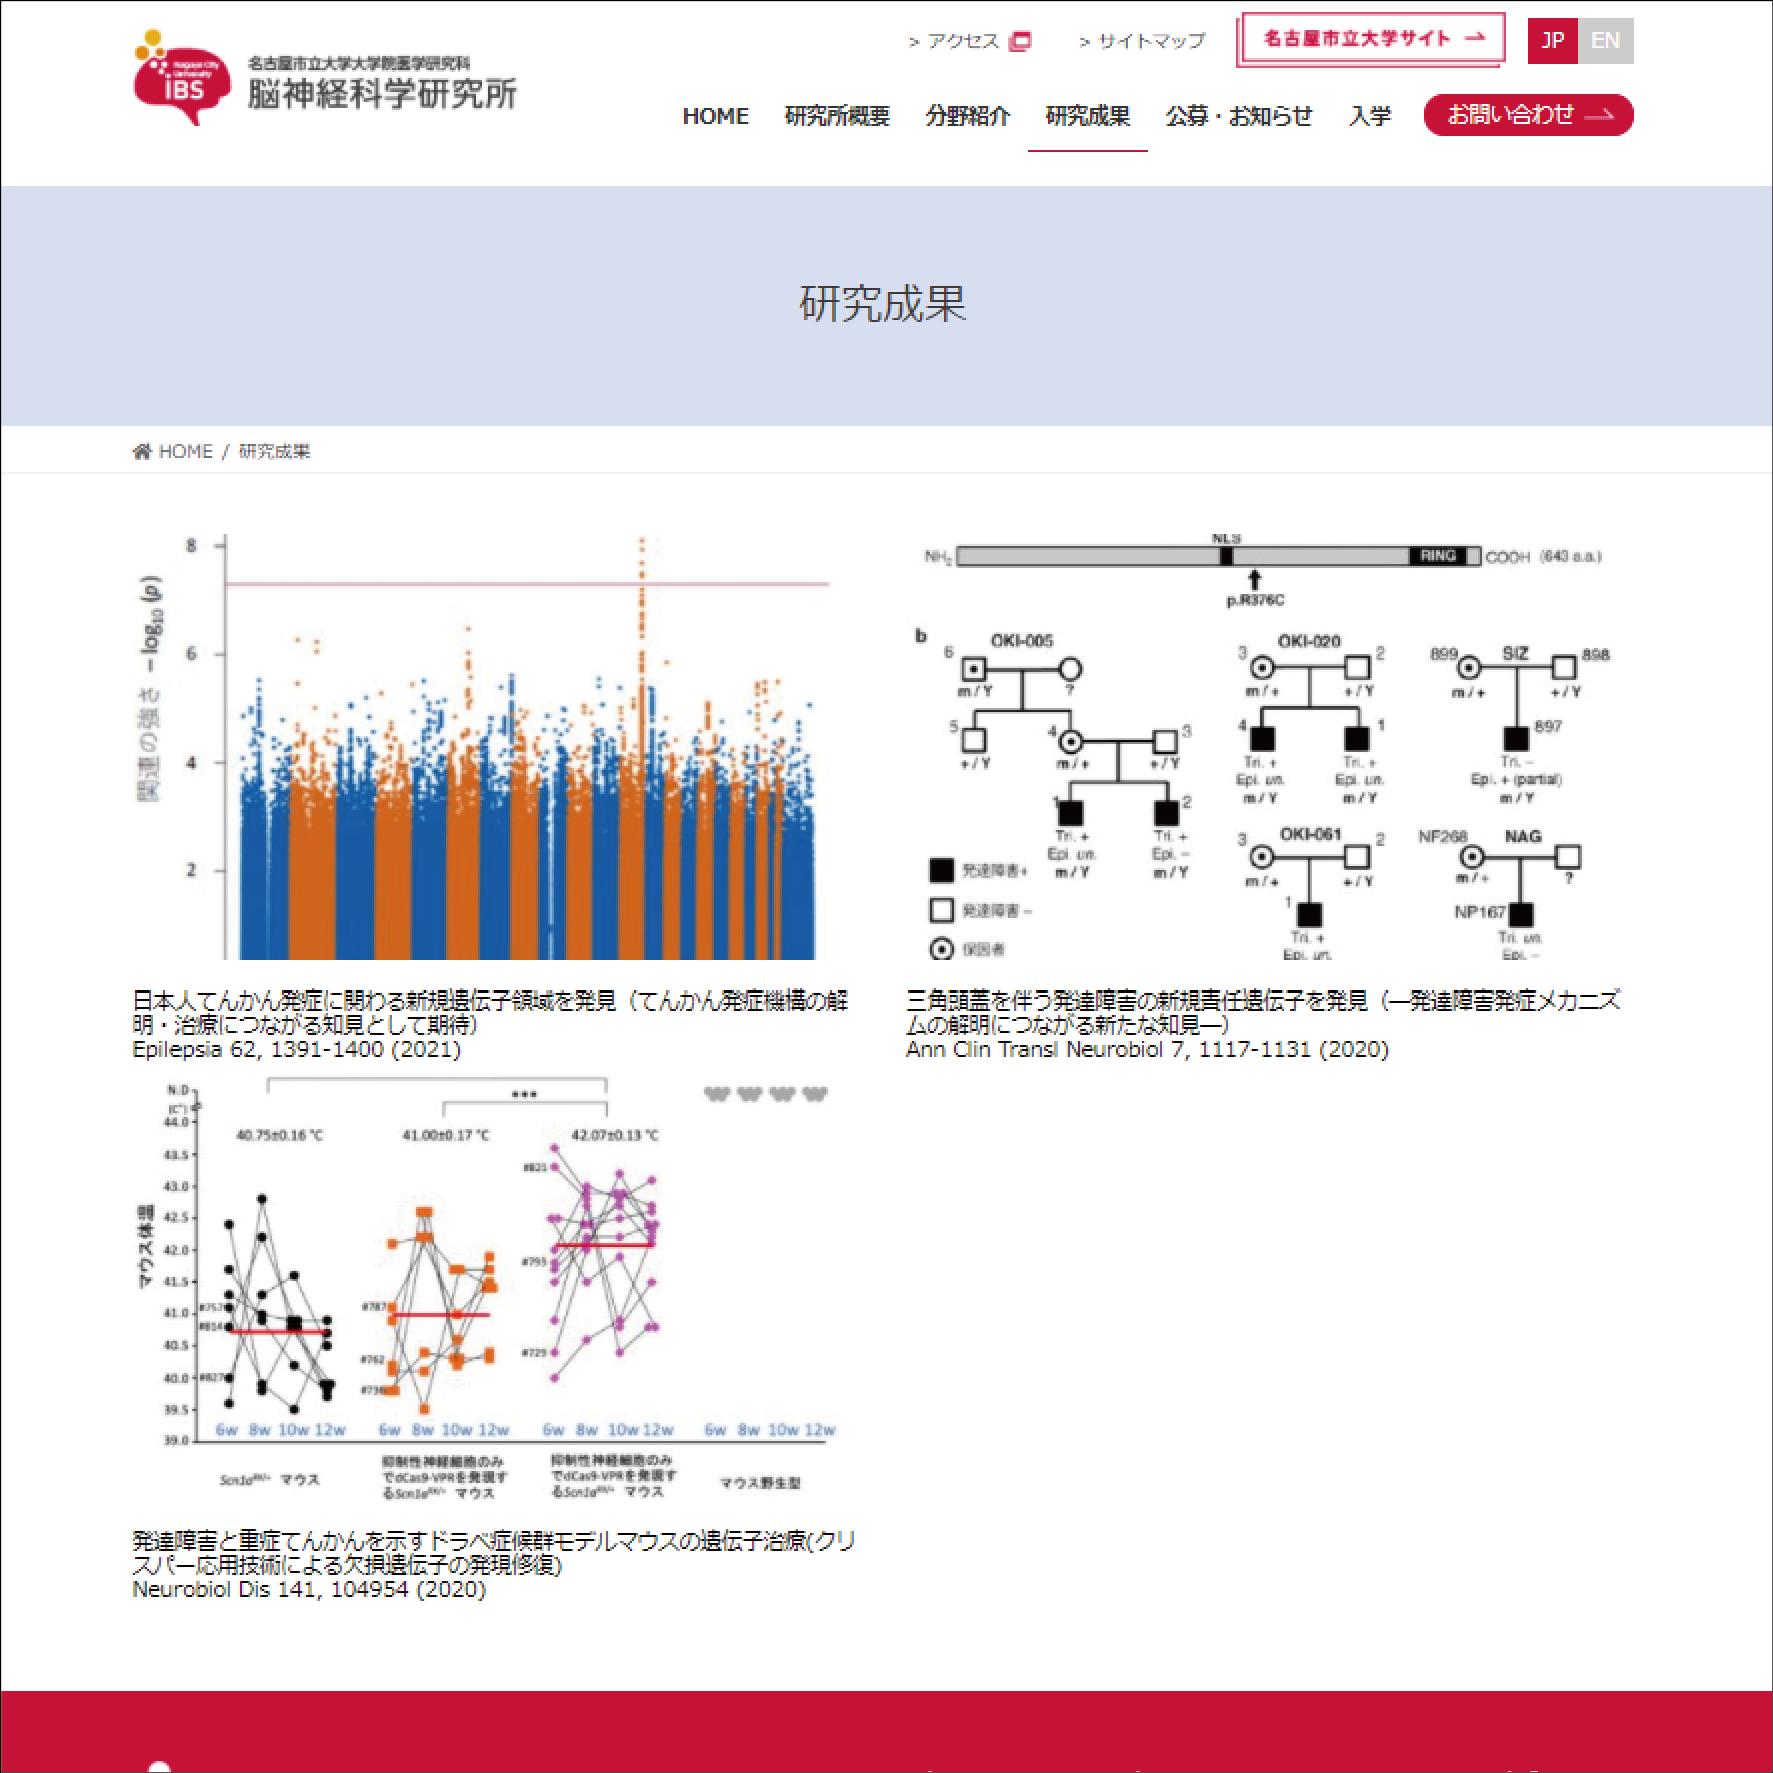 名古屋市立大学大学院医学研究科 脳神経科学研究所様 WEBサイト追加